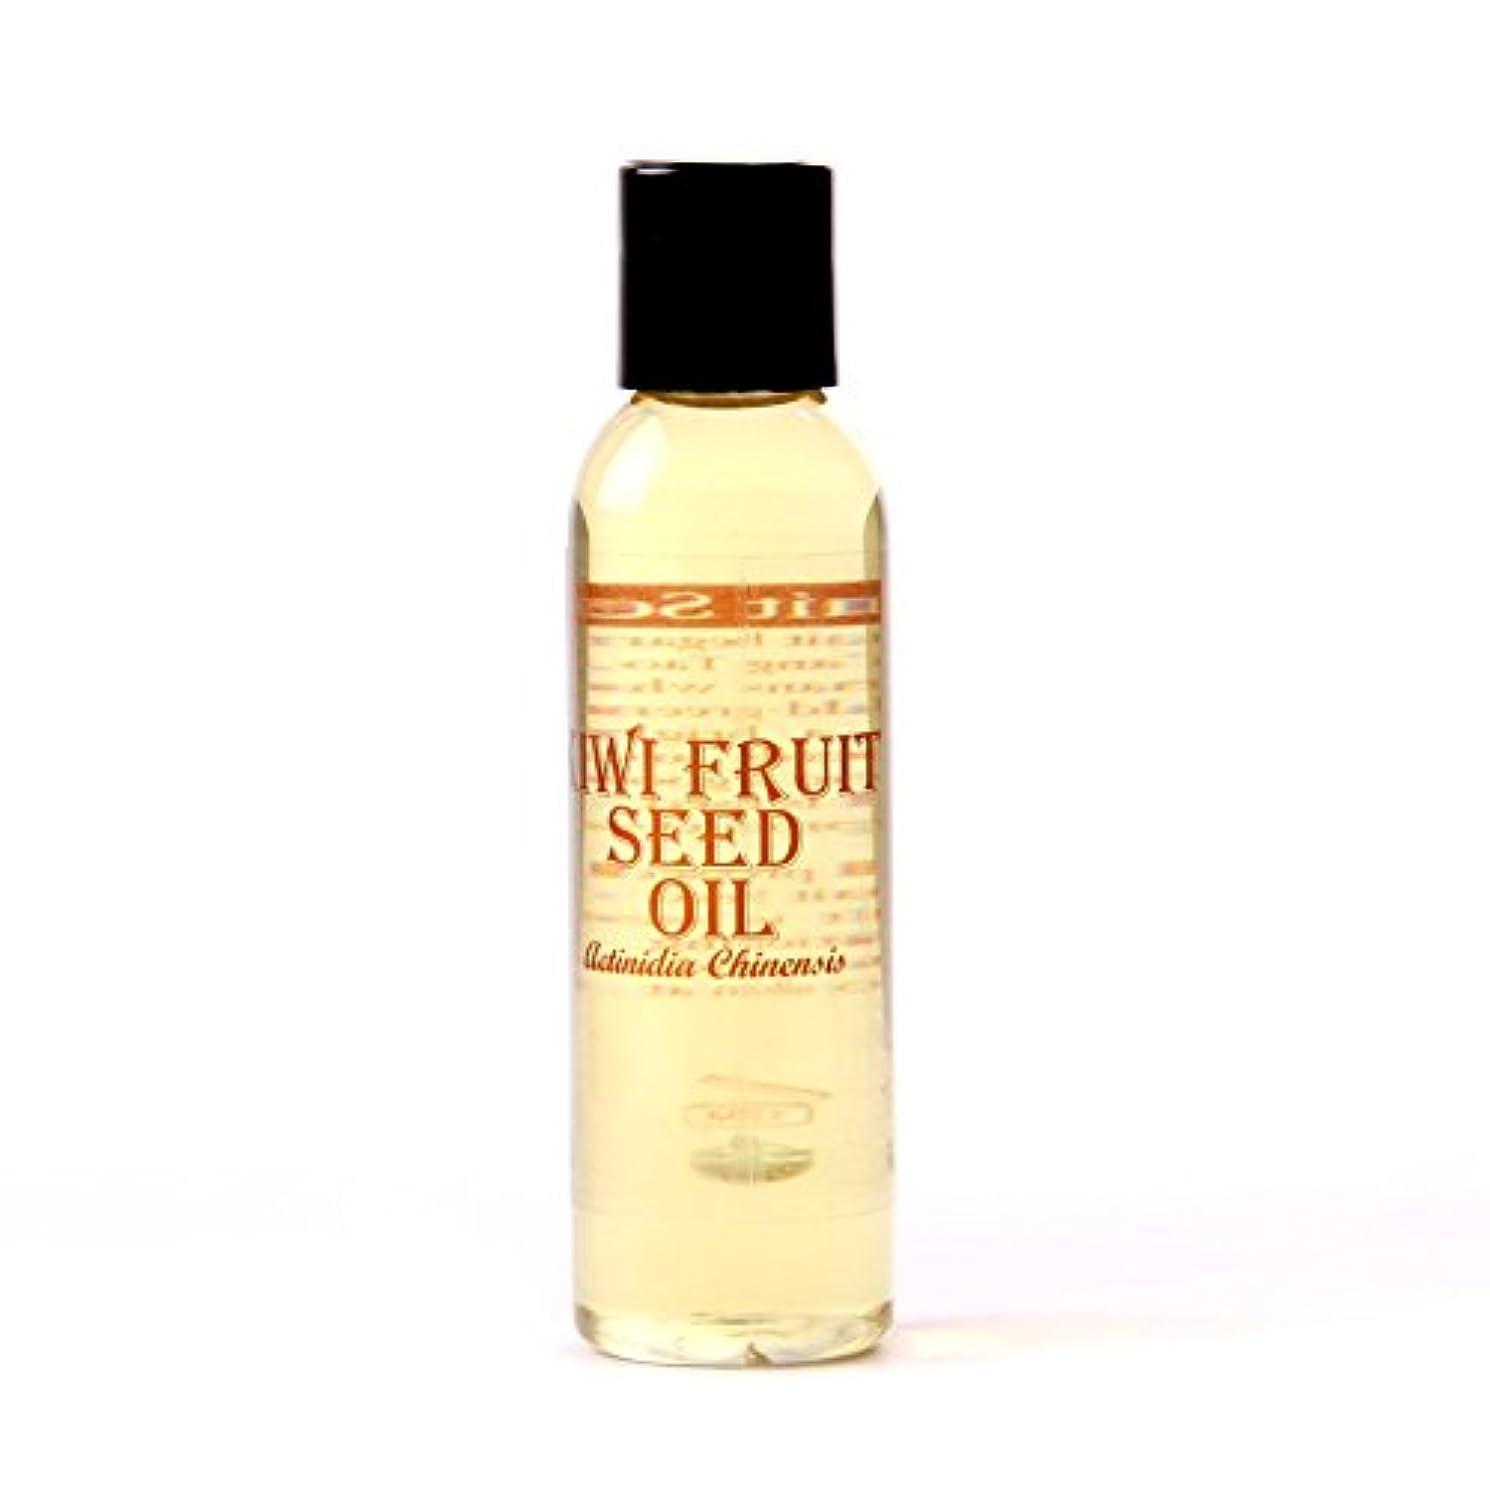 湿気の多い思い出す岸Mystic Moments | Kiwi Fruit Seed Carrier Oil - 250ml - 100% Pure